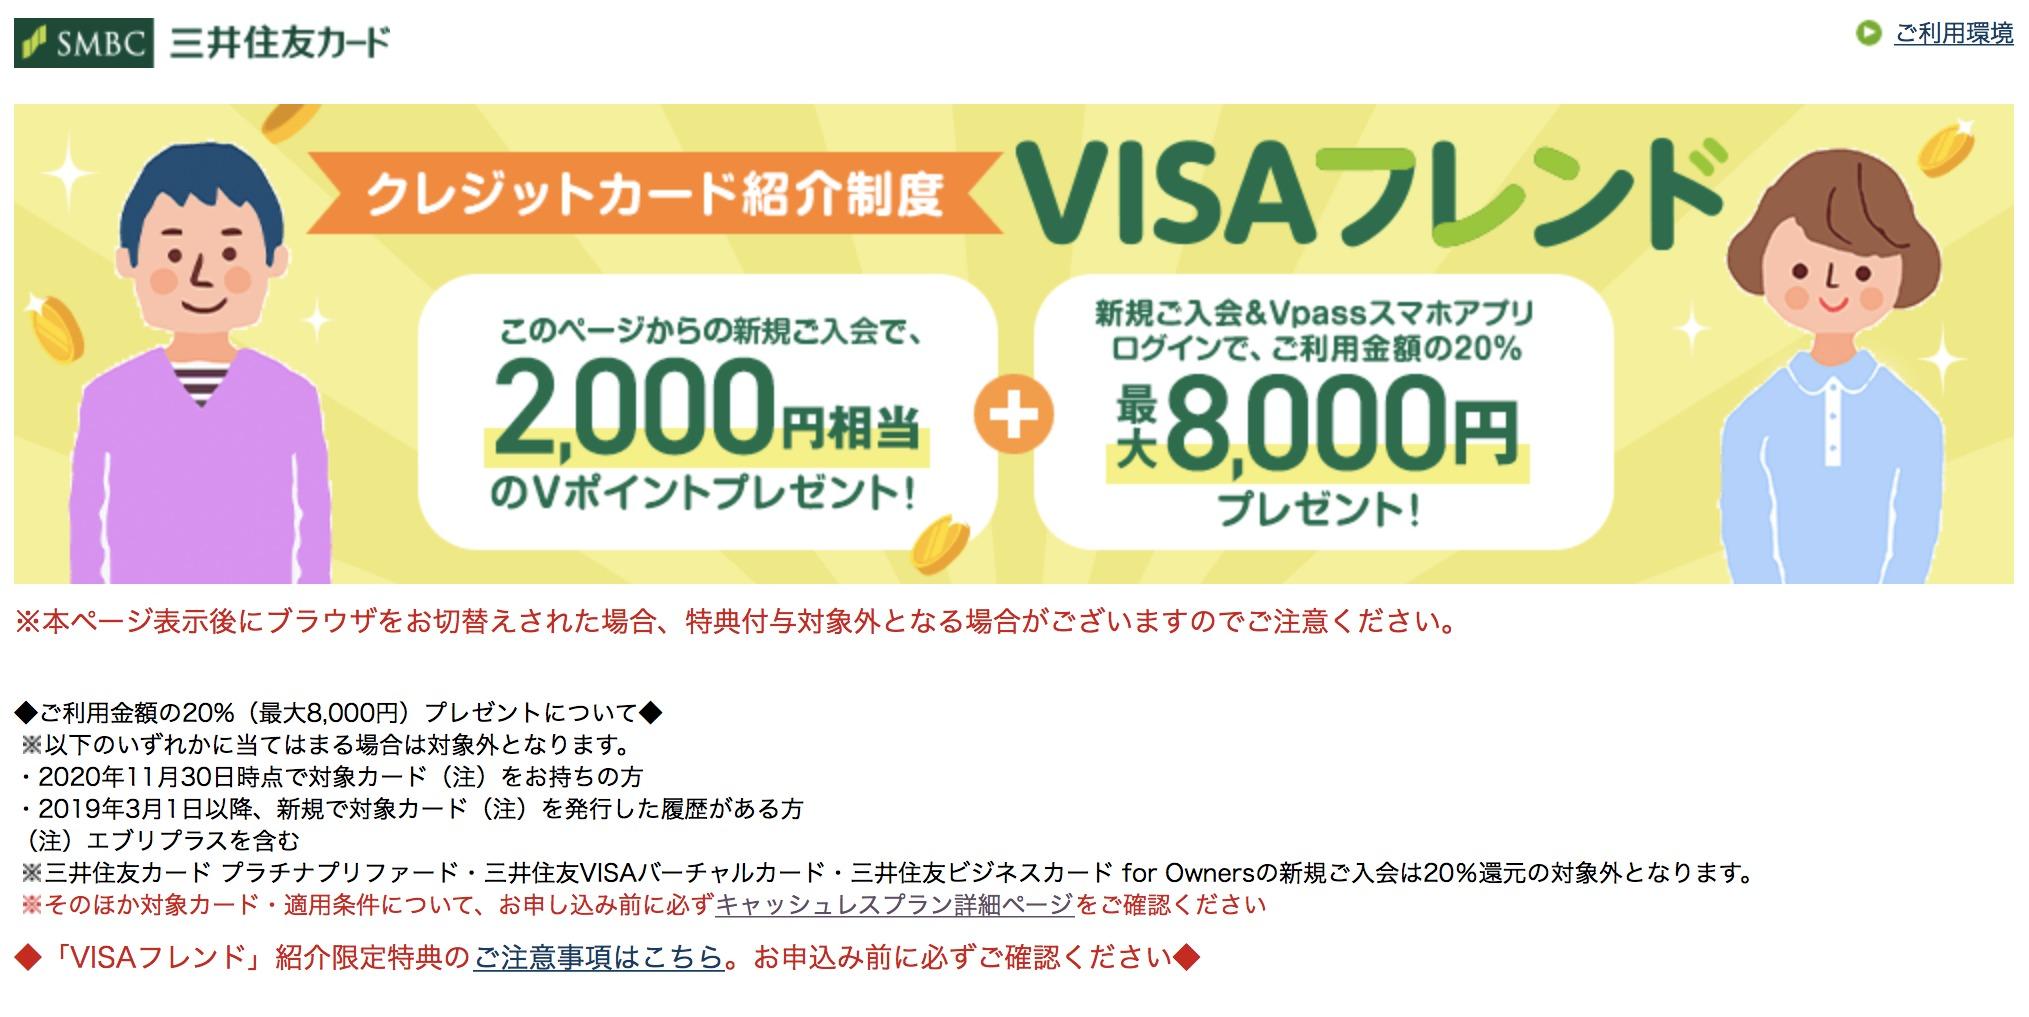 三井住友カードはお友達紹介経由で必ず2000円ポイントがもらえる